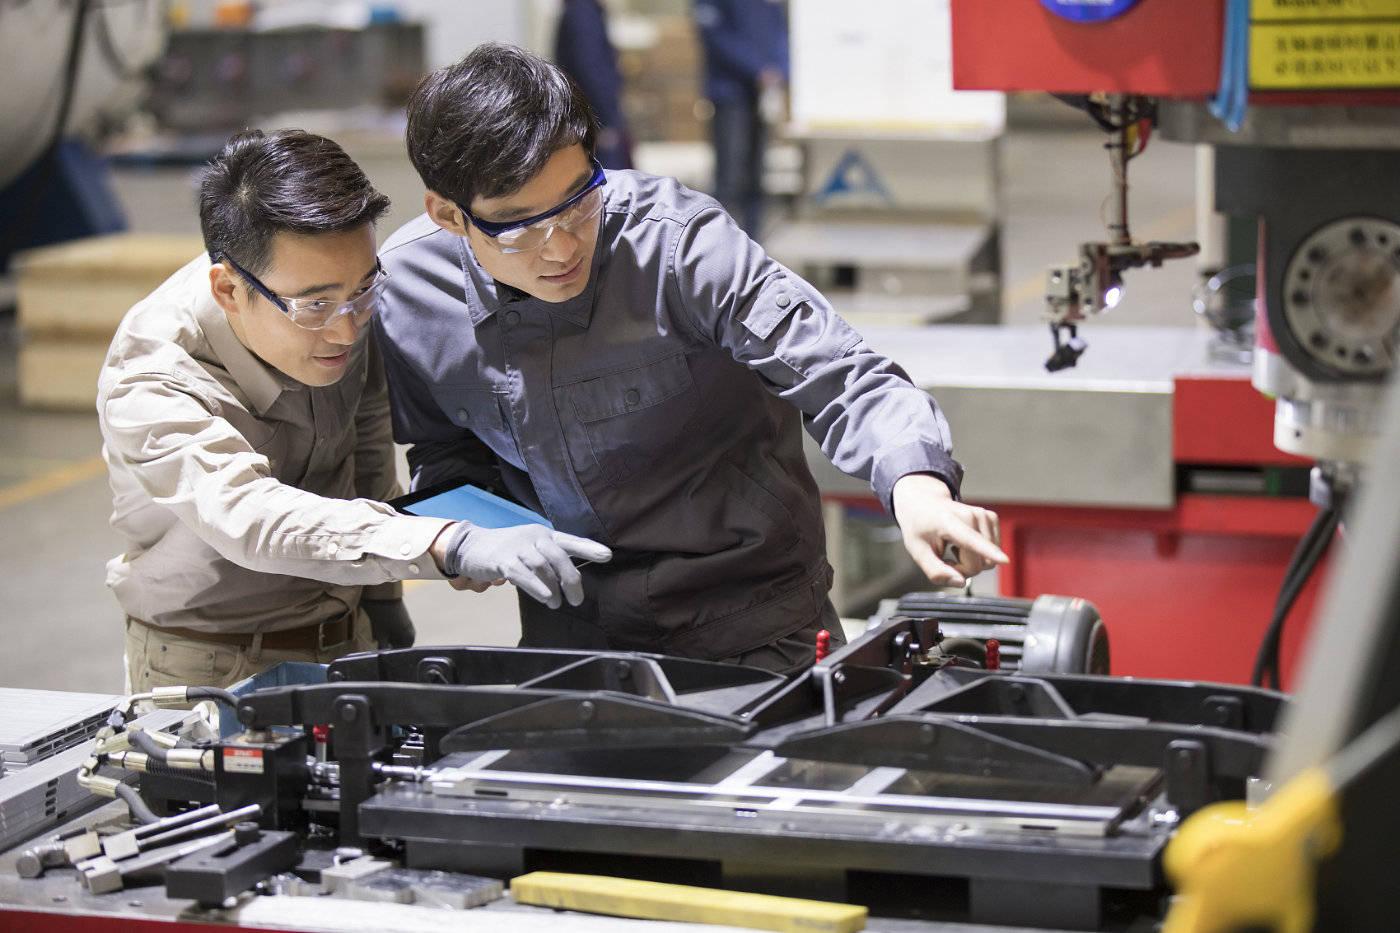 原创             除了机械工学外,日本大学还有哪些热门专业值得留学生去考虑?